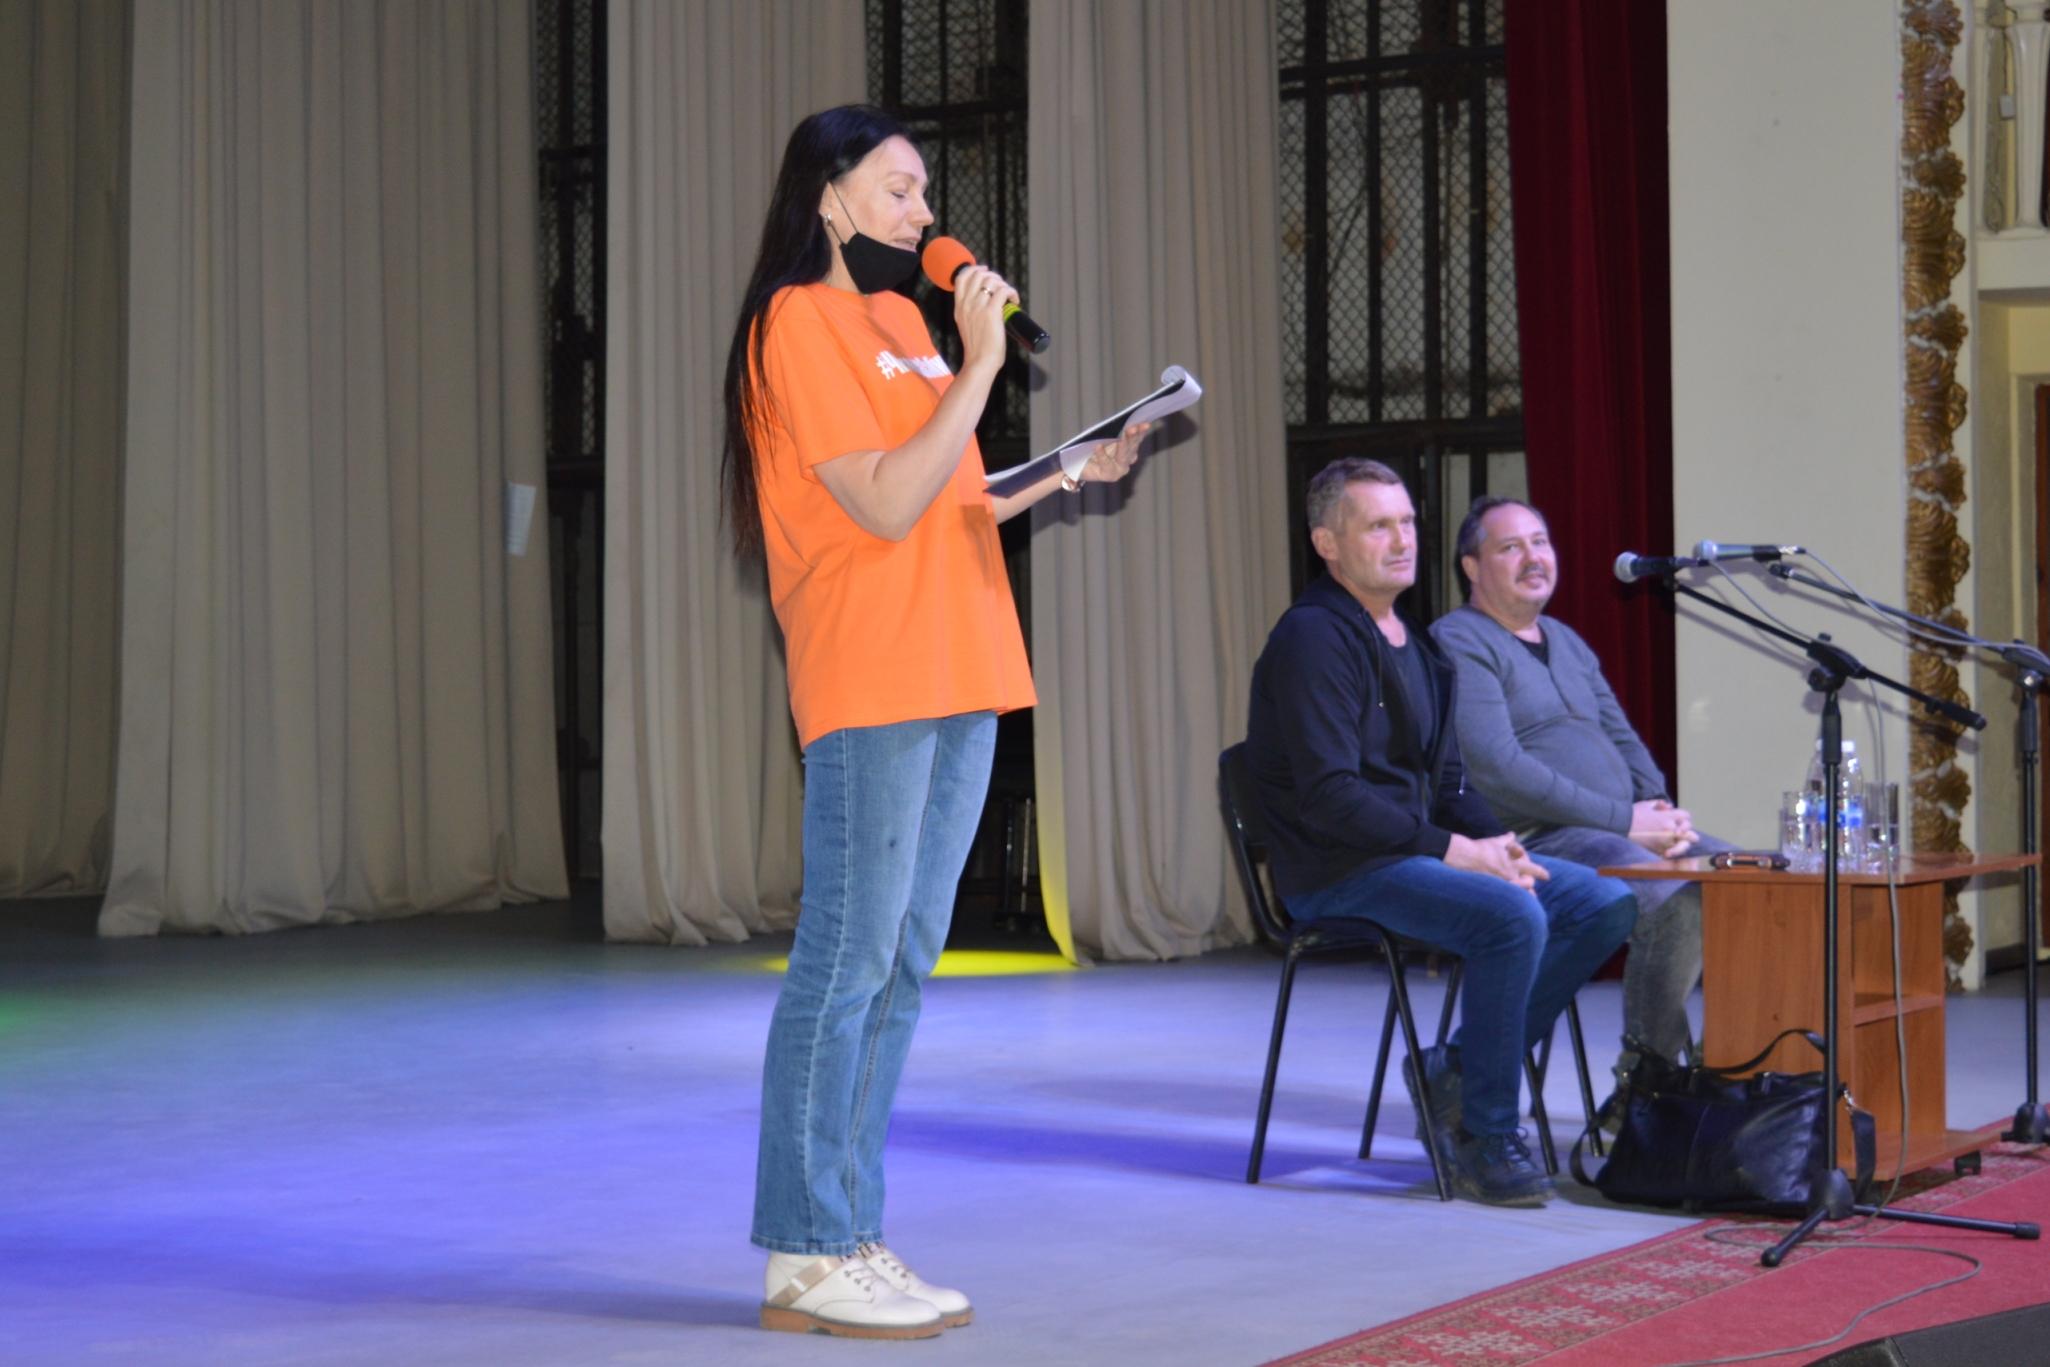 В центральной библиотеке города Черепаново прошла интеллектуальная игра и встреча с писателями